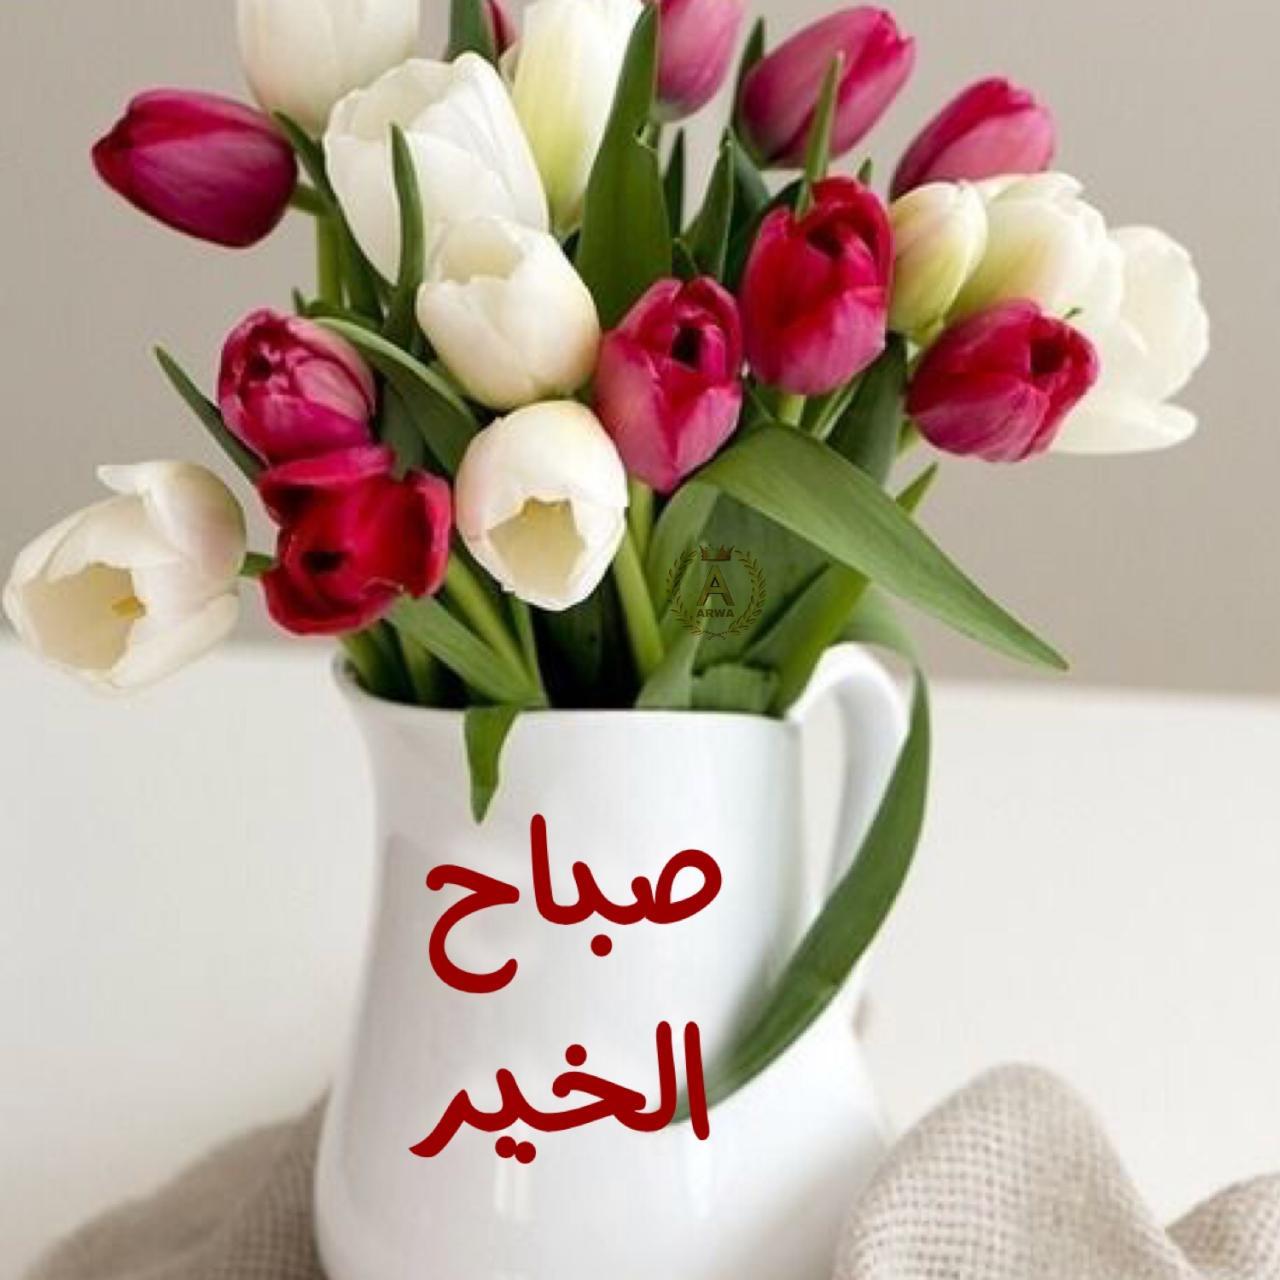 صورة باقات ورد مكتوب عليها صباح الخير , اجمل جمل صباح الخير مع الورد